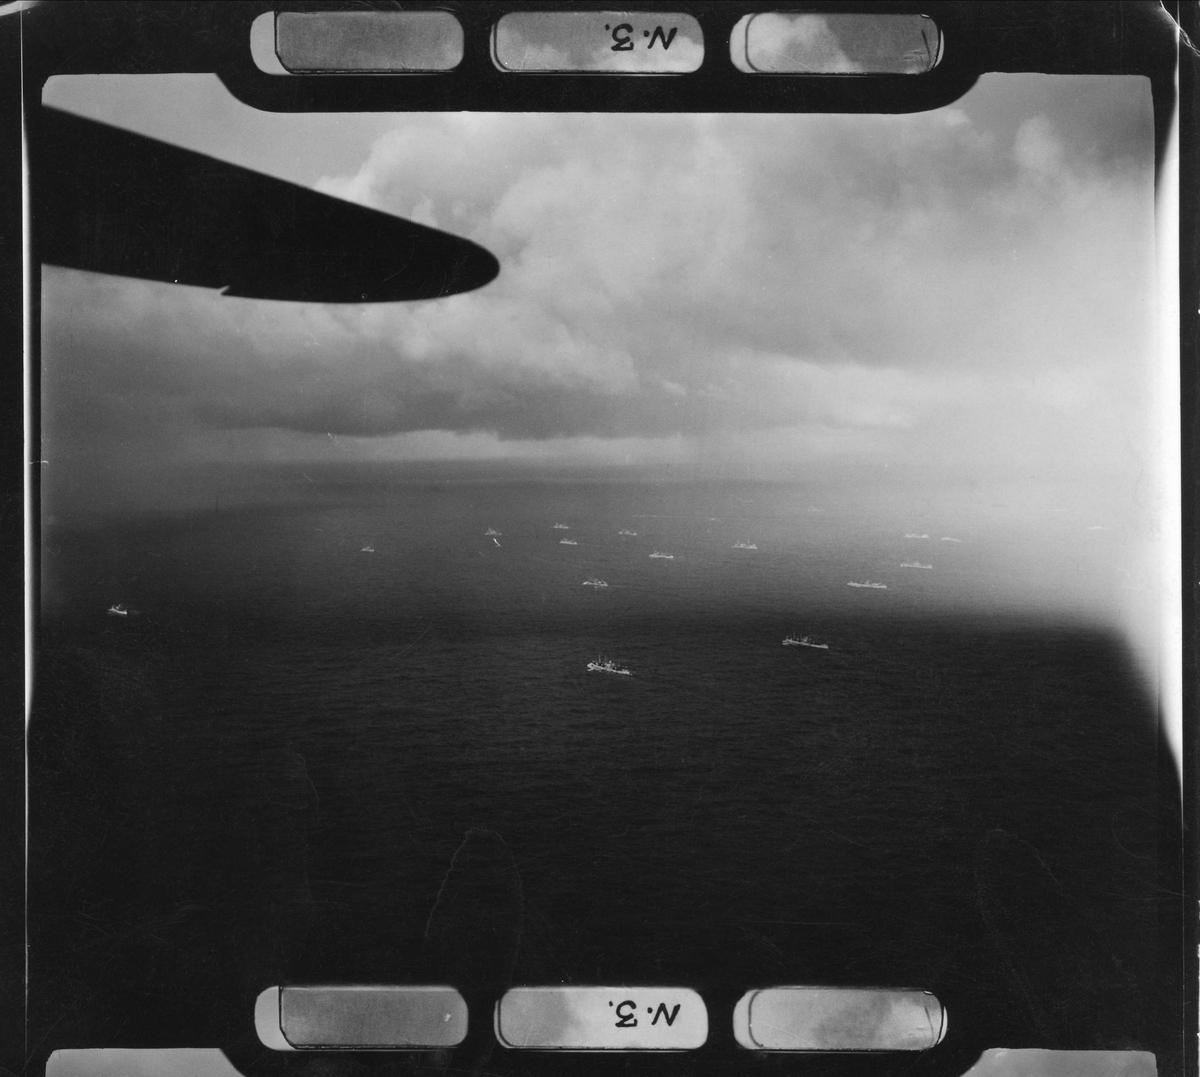 En Catalina fra 333 skvadronen utfører konvoieskorte.